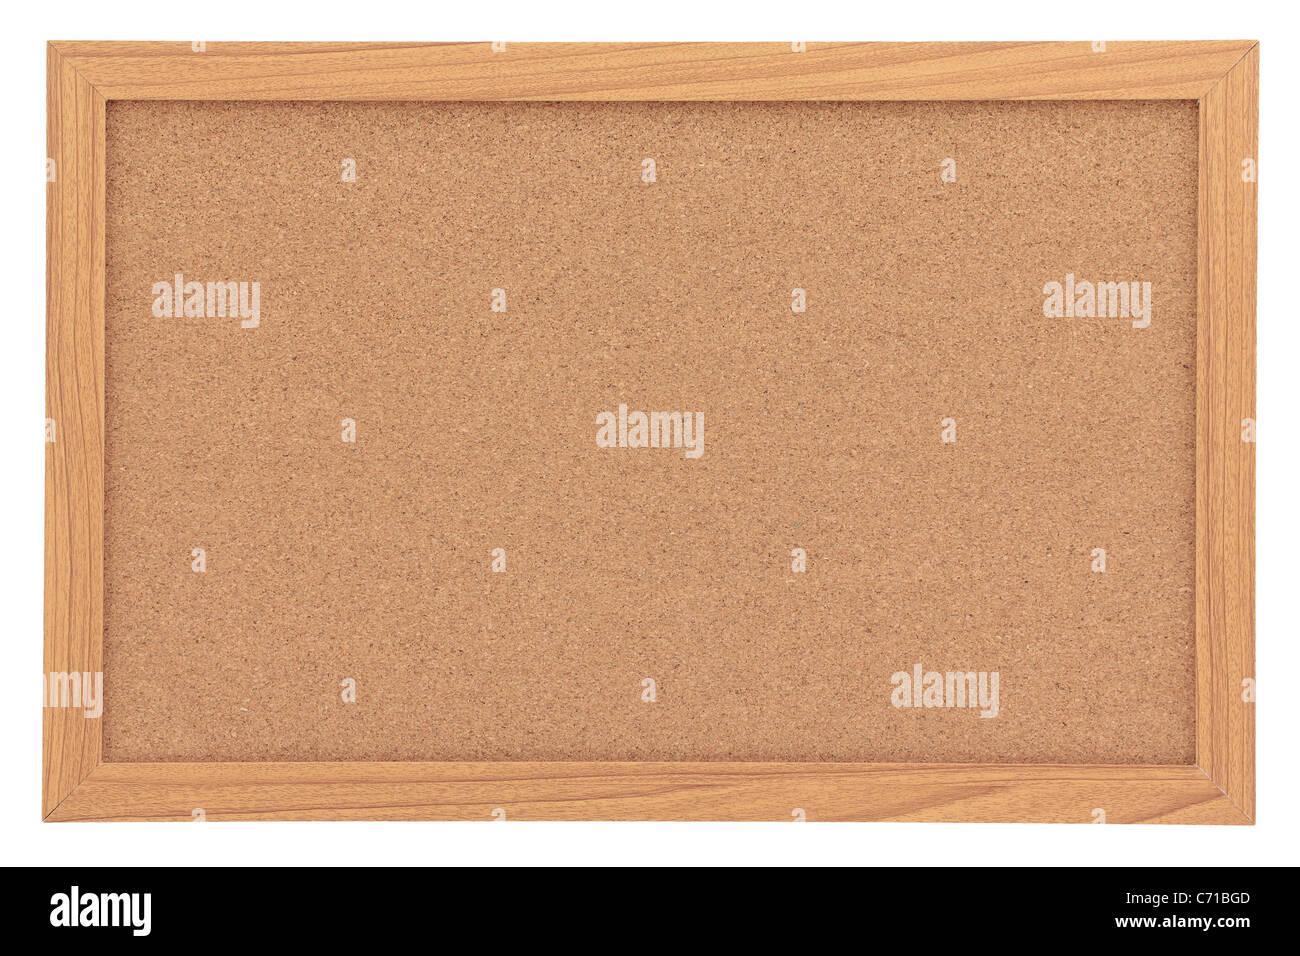 Leere Kork Pinnwand mit Rahmen, Isolated on White Stockfoto, Bild ...